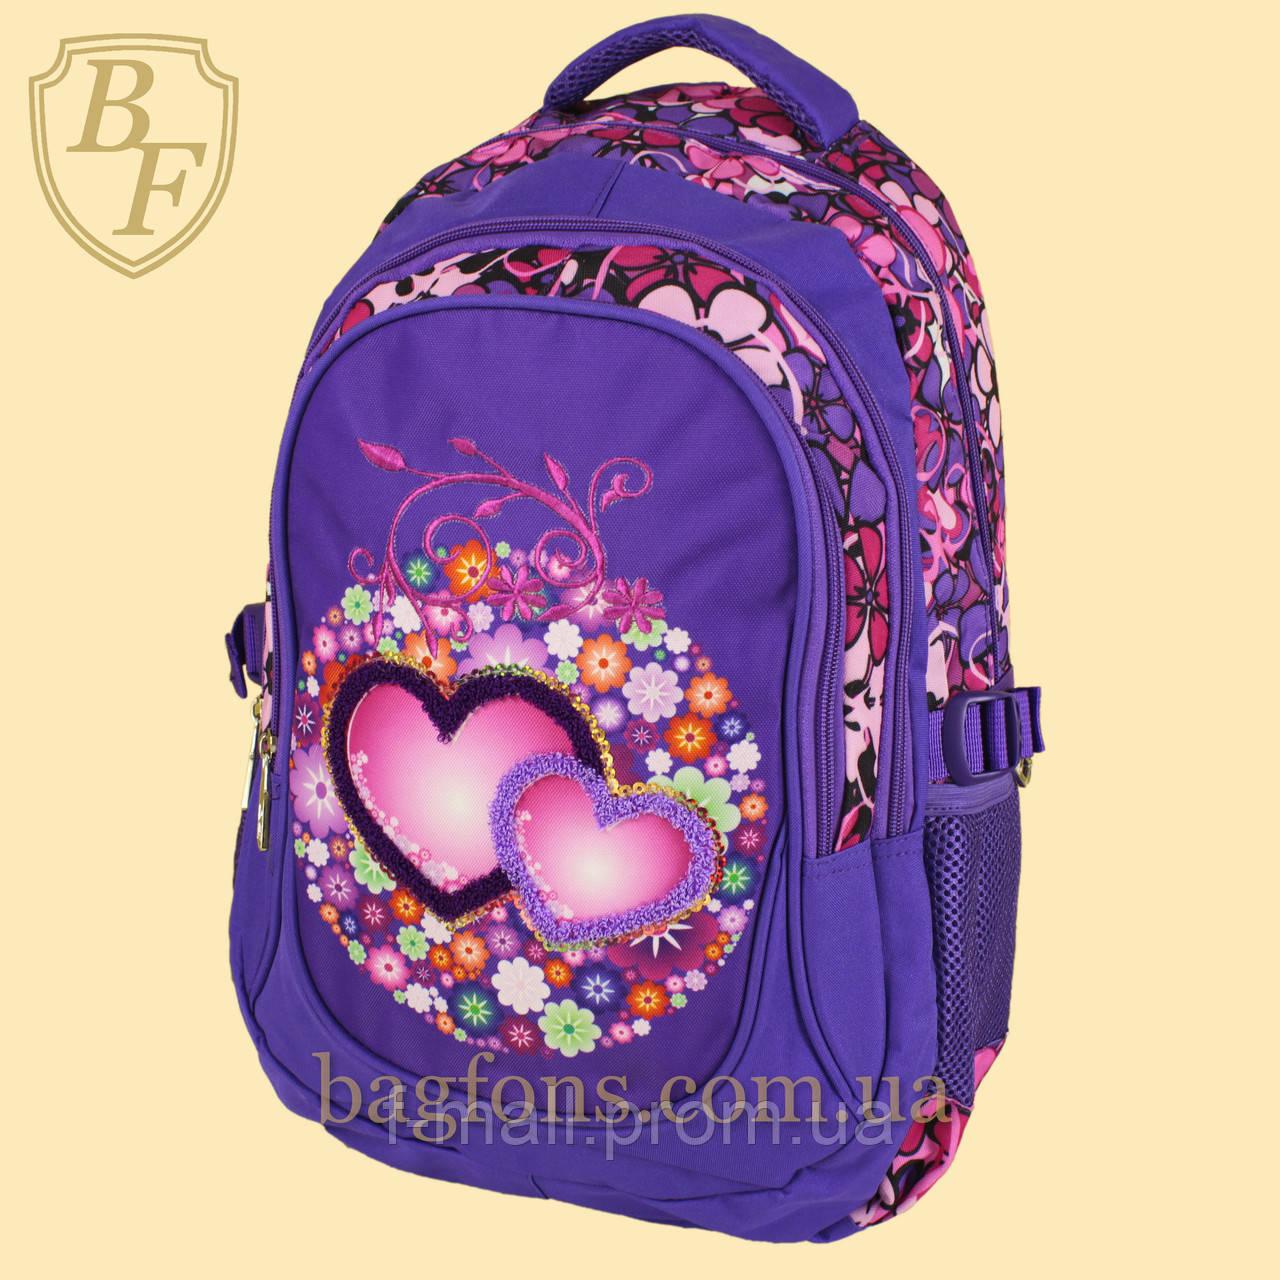 Школьный рюкзак  Edison  для девочки фиолетовый